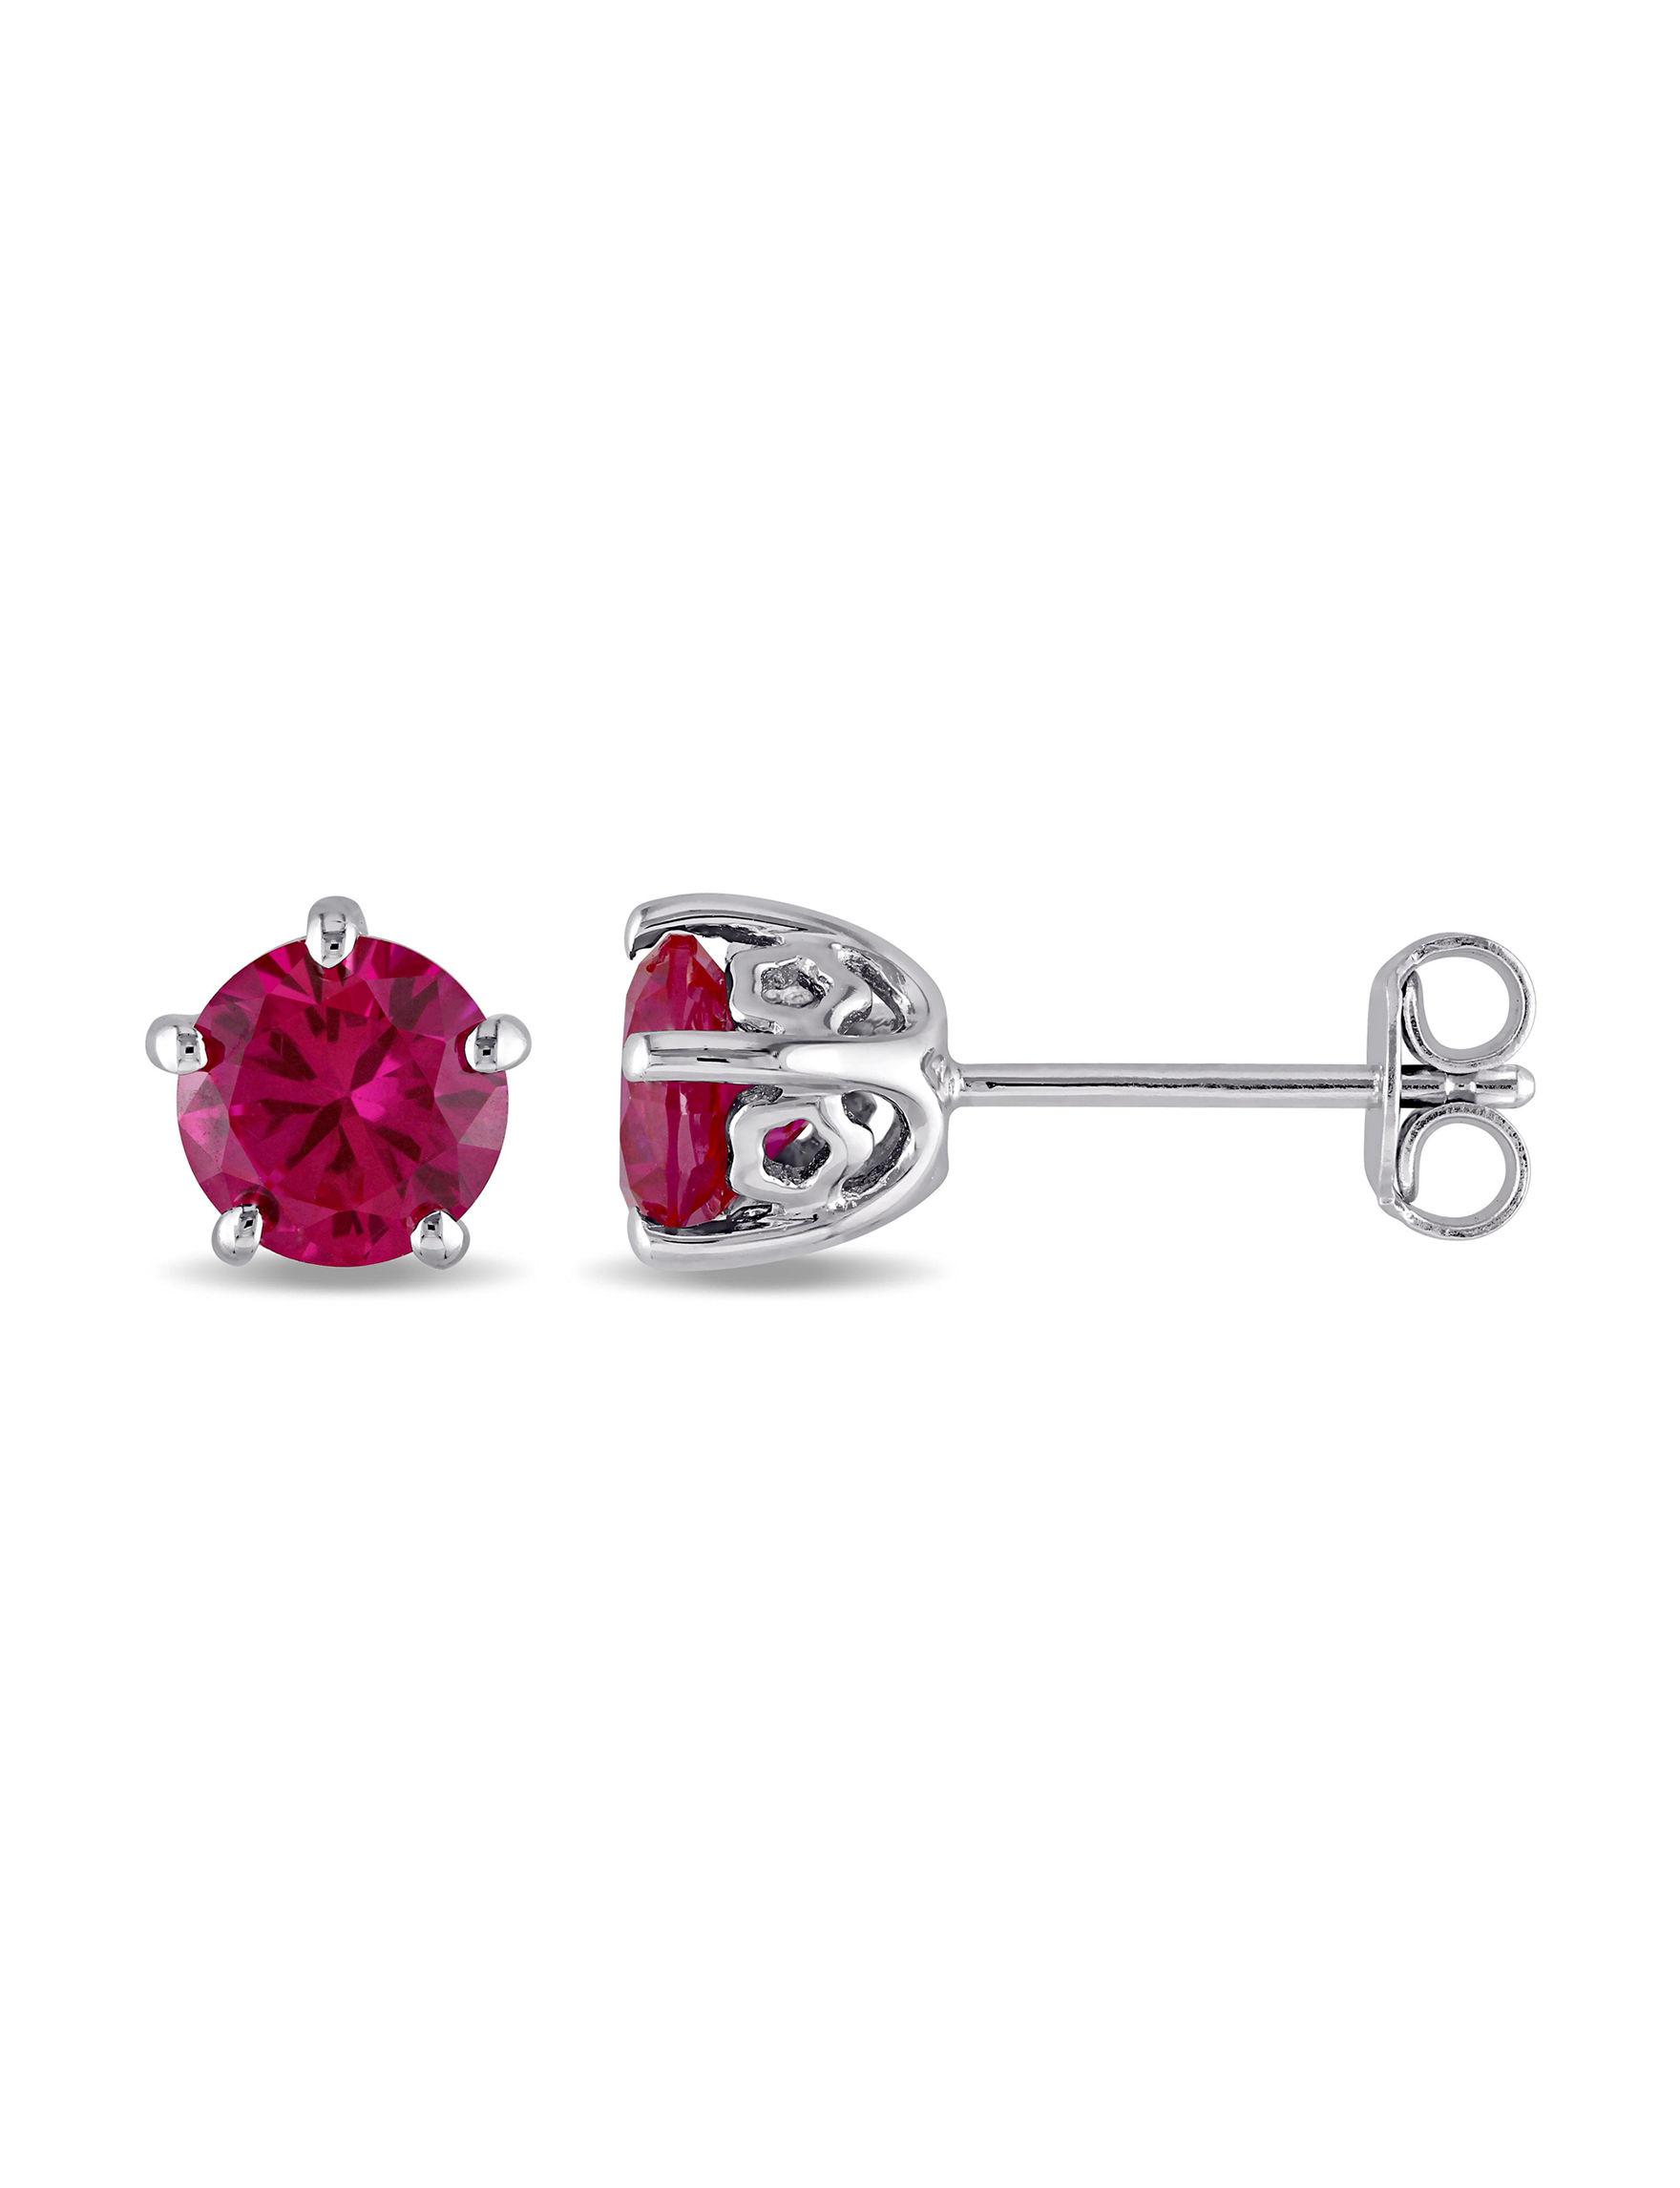 Laura Ashley Silver Studs Earrings Fine Jewelry